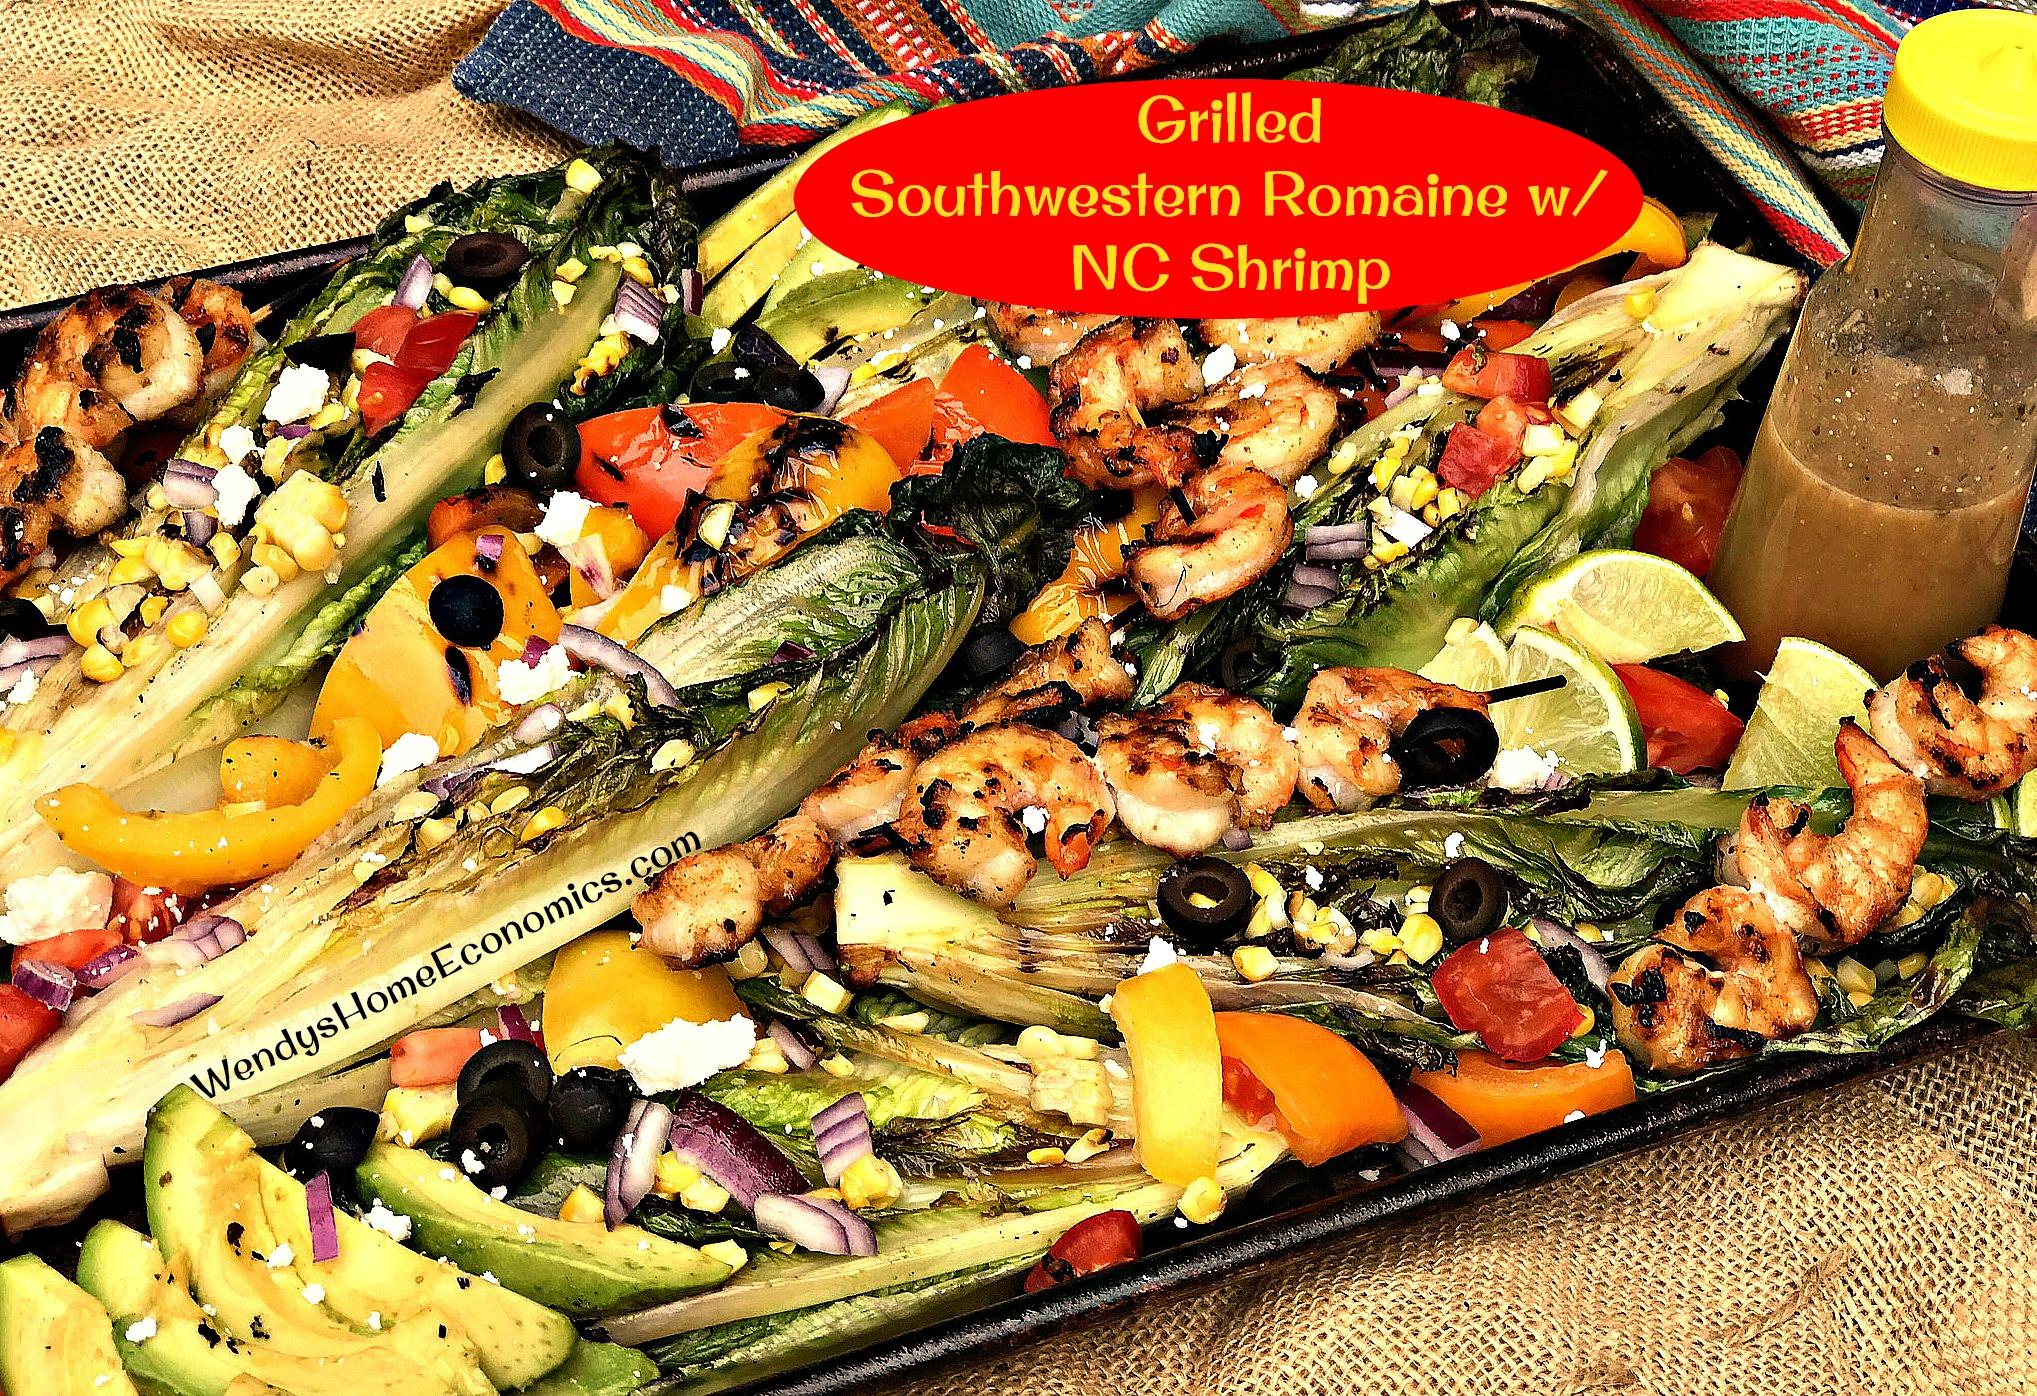 Grilled Southwestern Romaine with North Carolina Shrimp